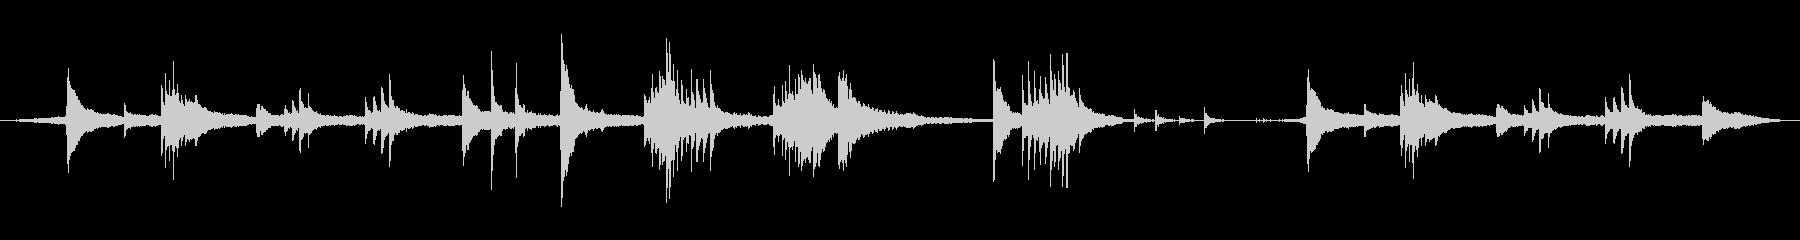 不気味・不思議なアンビエント(ループ可)の未再生の波形